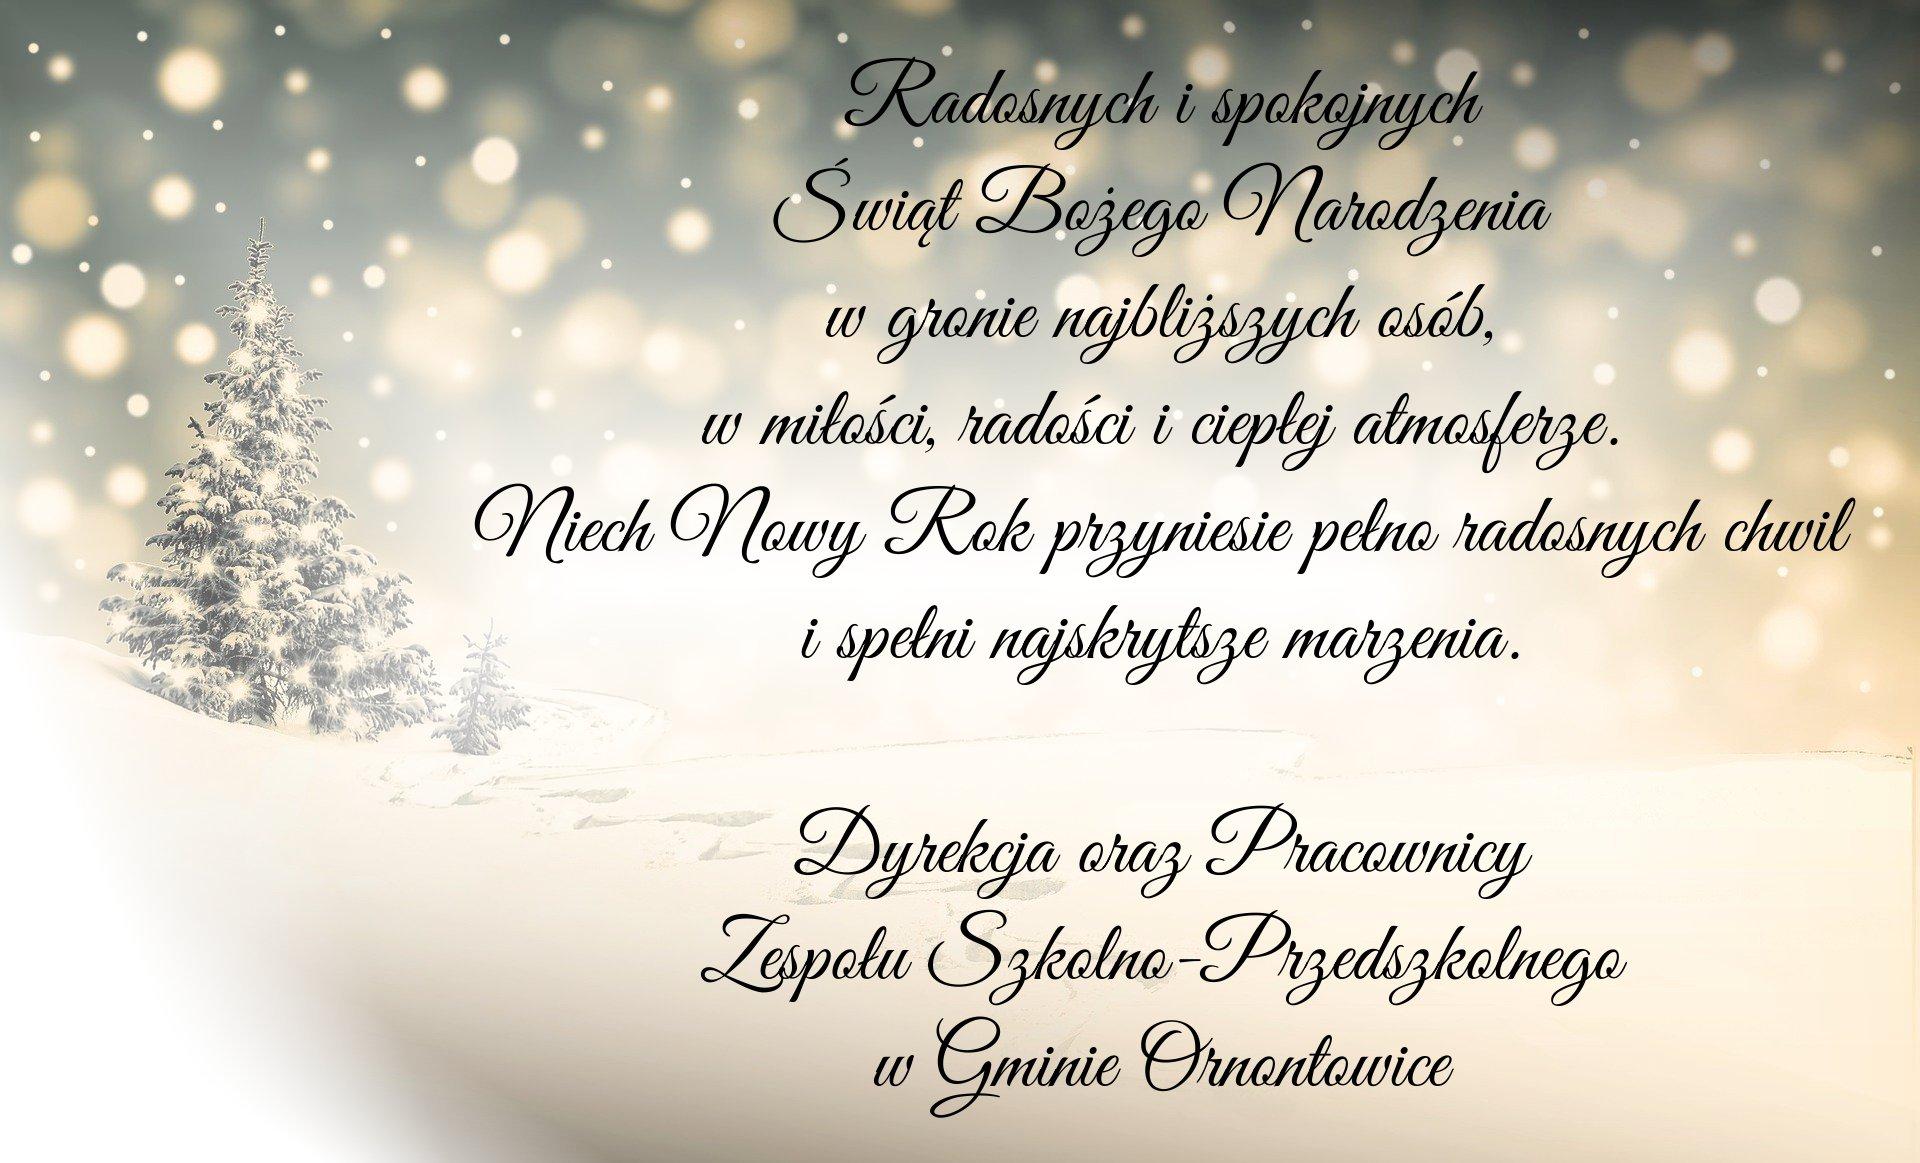 Radosnych i spokojnych Świąt Bożego Narodzenia w gronie najbliższych osób, w miłości, radości i ciepłej atmosferze. Niech Nowy Rok przyniesie pełno radosnych chwil i spełni najskrytsze marzenia. Dyrekcja oraz Pracownicy Zespołu Szkolno-Przedszkolnego w Gminie Ornontowice